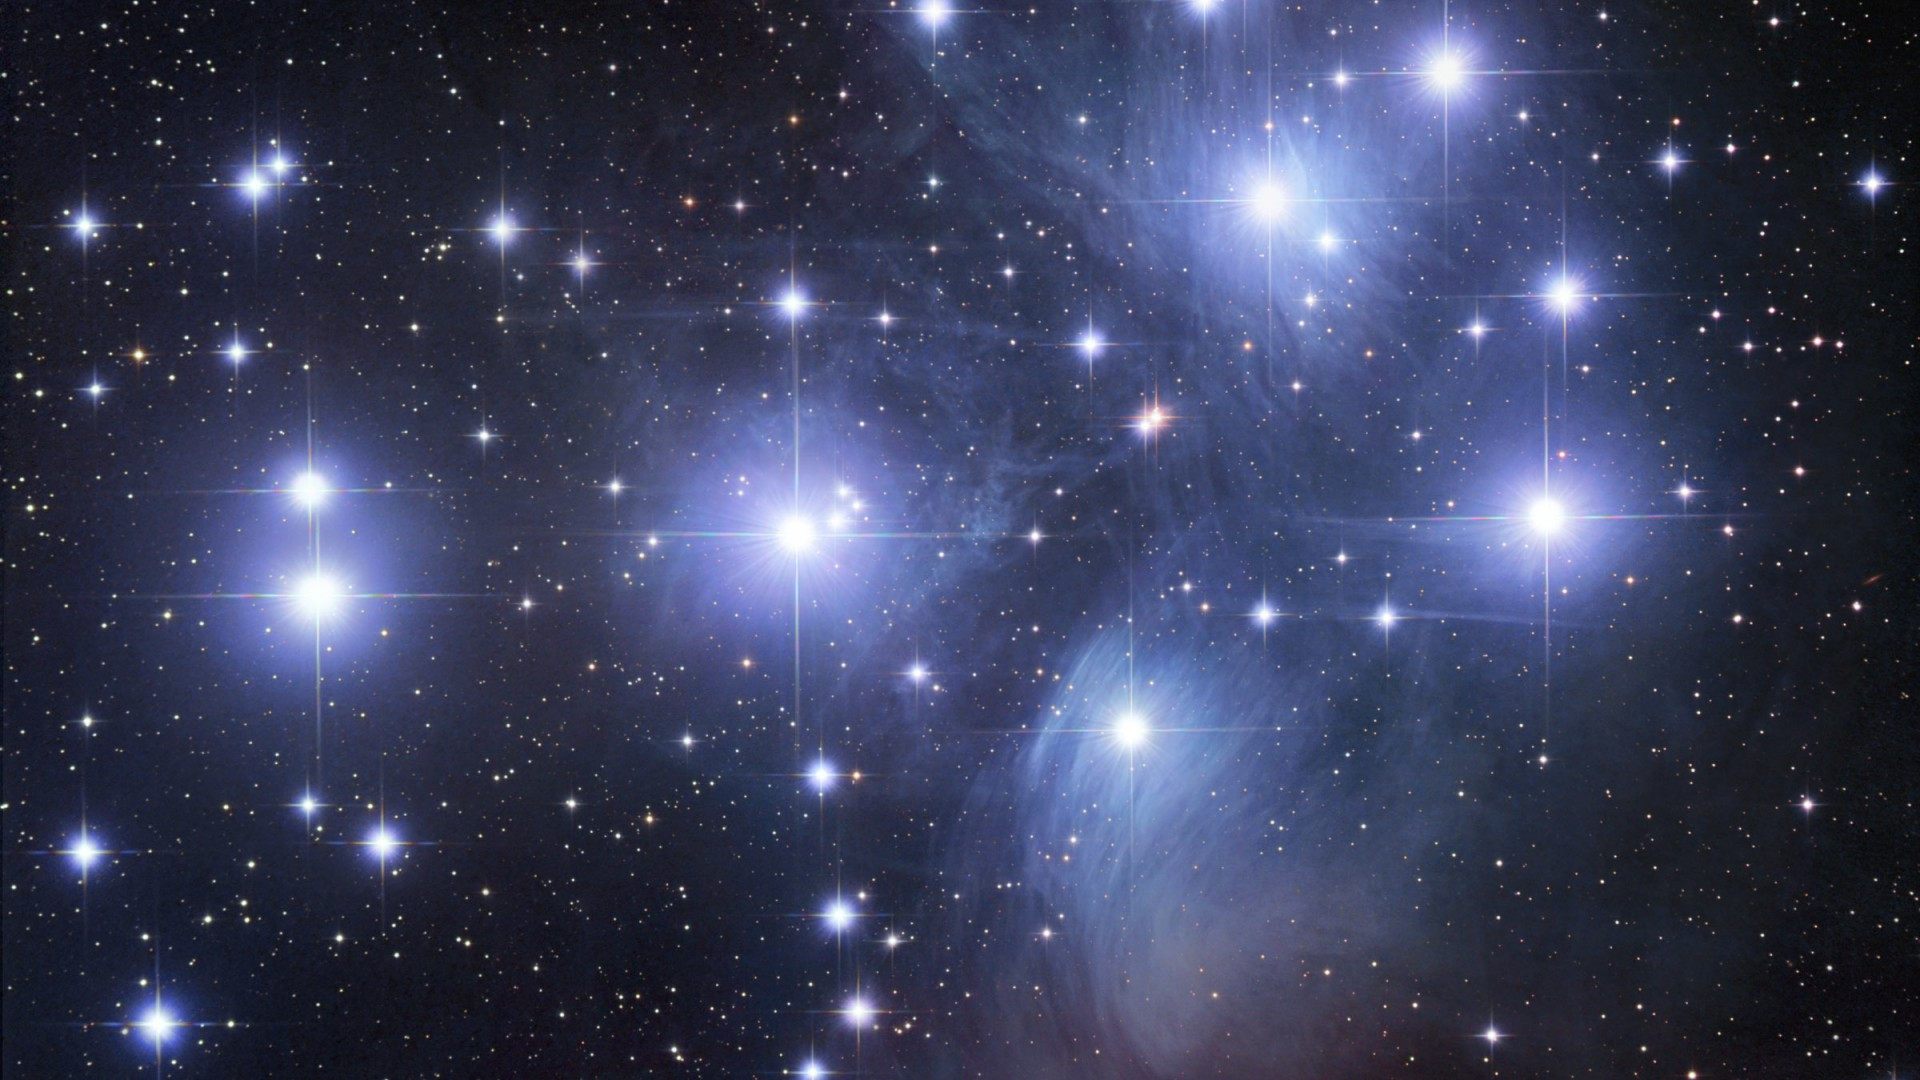 Звезды светятся при меньшей массе, чем считалось доэтого — Ученые